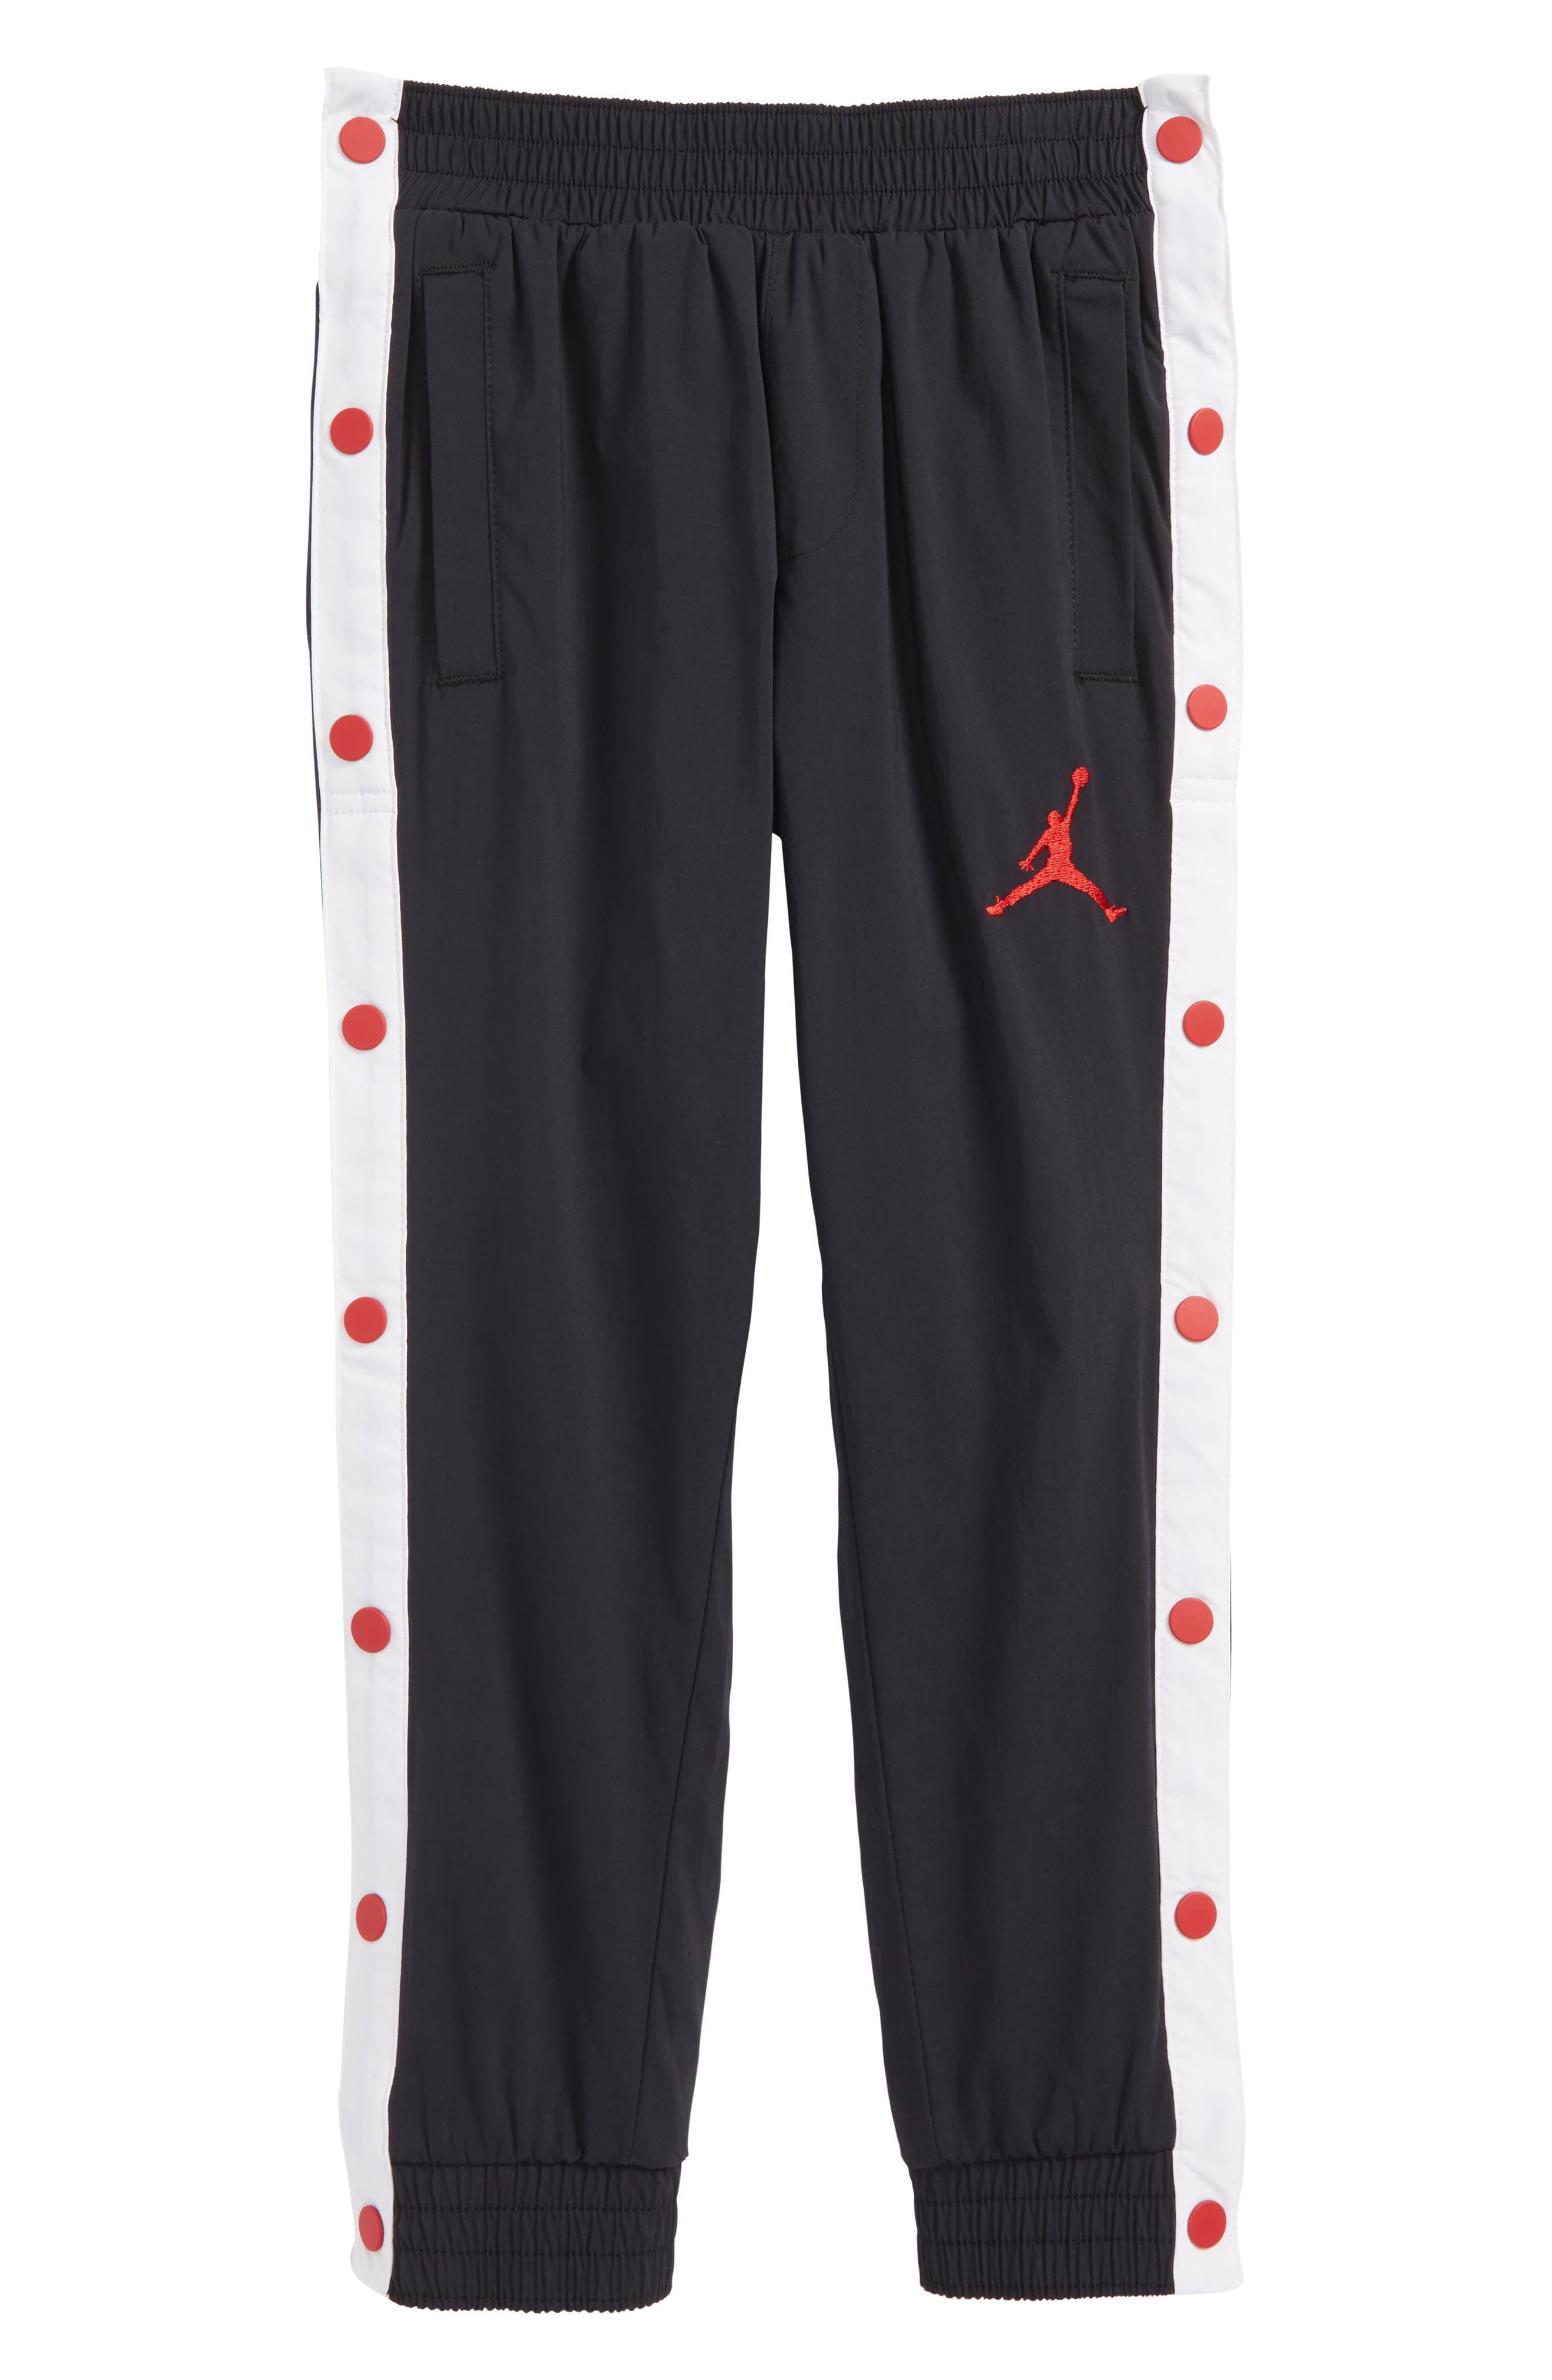 Jordan AJ '90s Snapaway Sweatpants,                         Main,                         color, 004